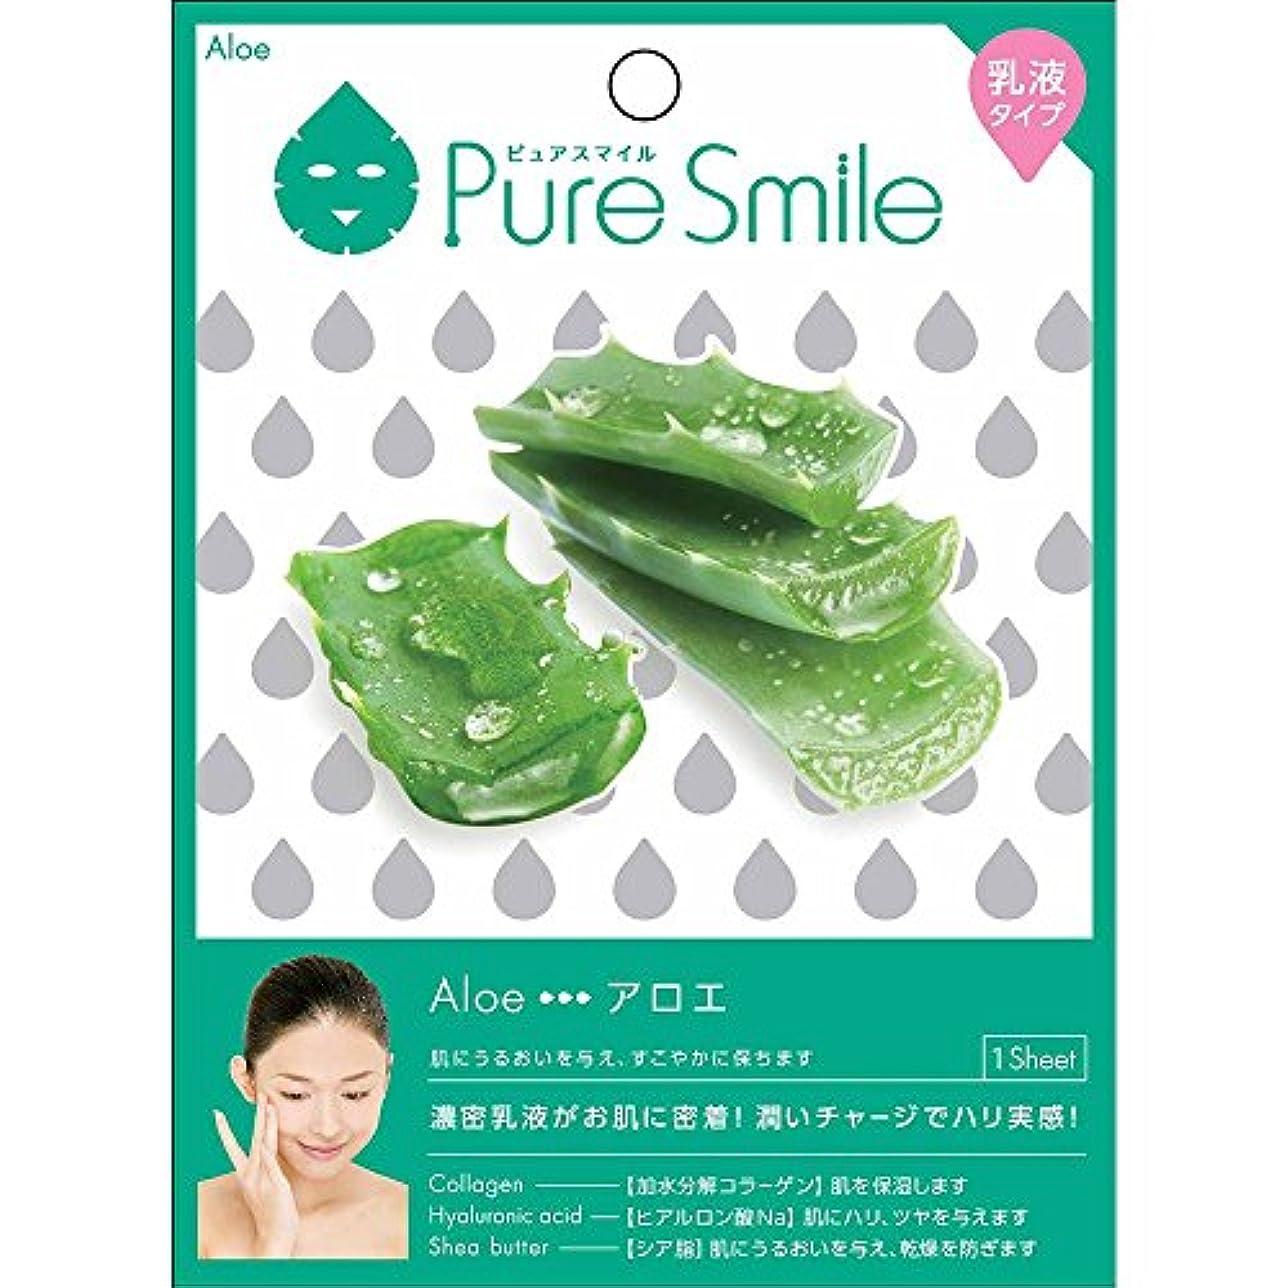 郡保護ホイストPure Smile(ピュアスマイル) 乳液エッセンスマスク 1 枚 アロエ